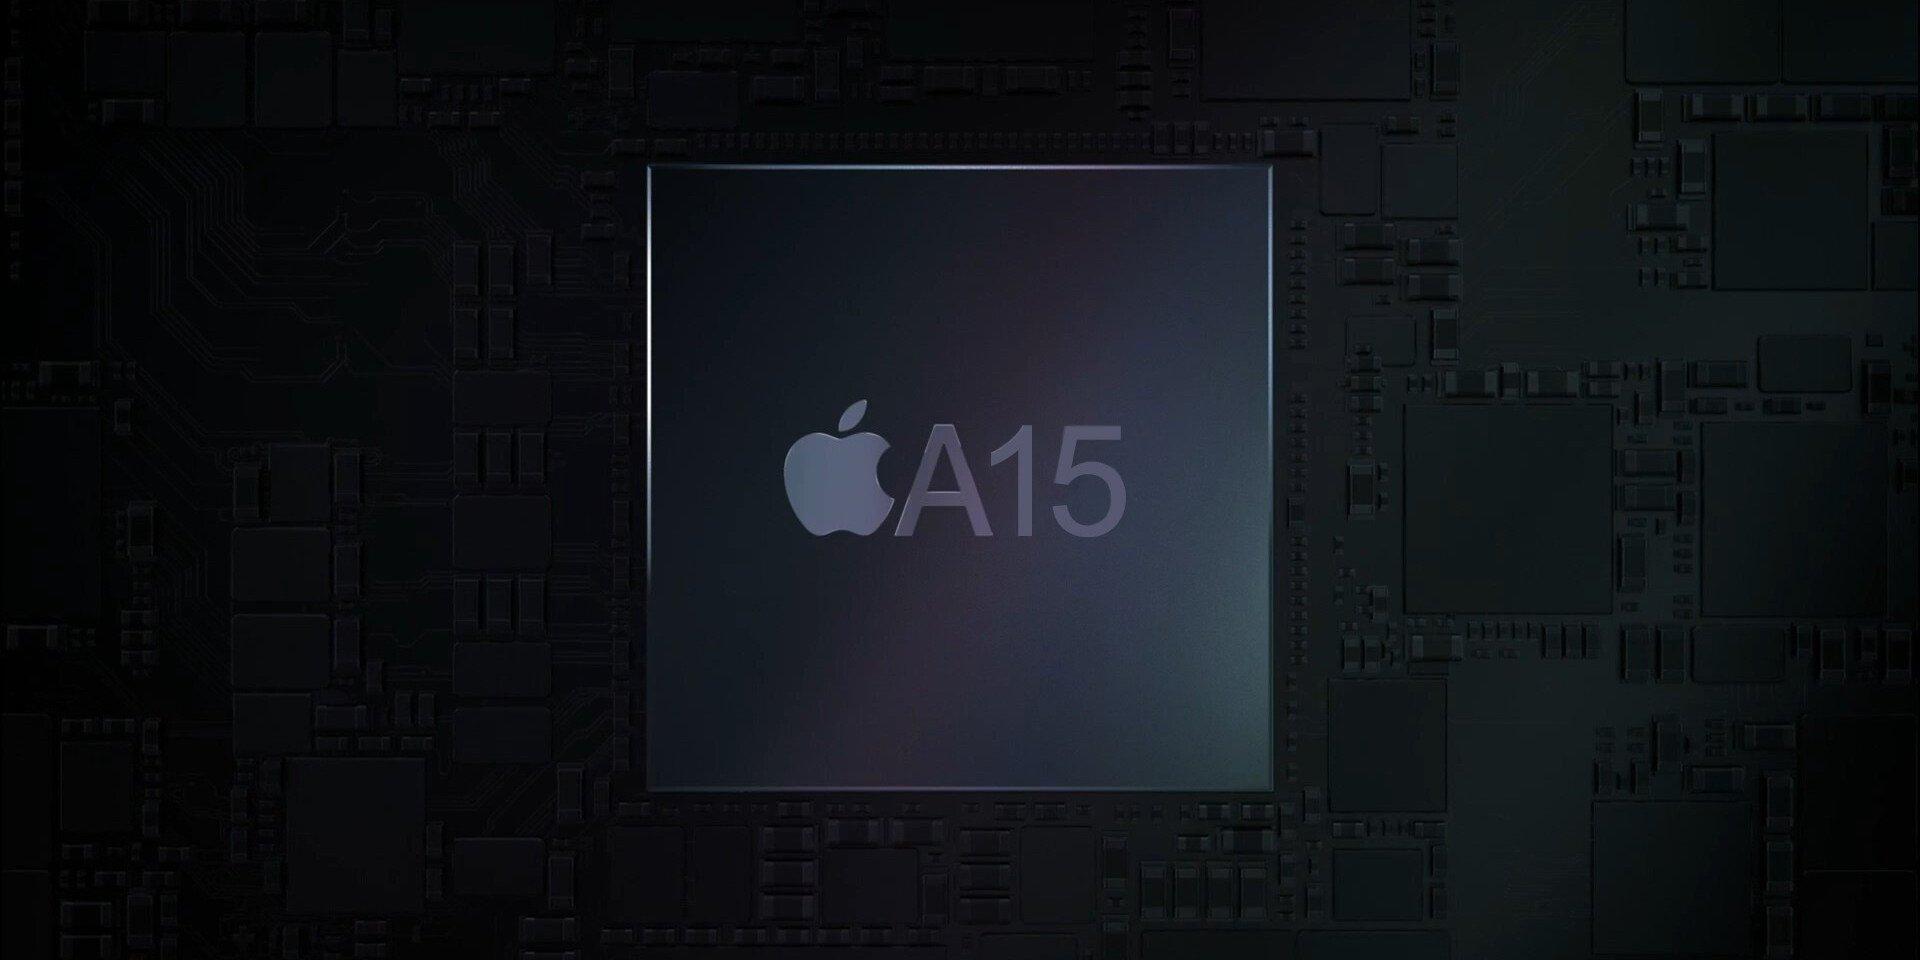 شرکت TSMC احتمالا تولید چیپ A15 Bionic را برای آیفون ۱۳ شروع کرده است